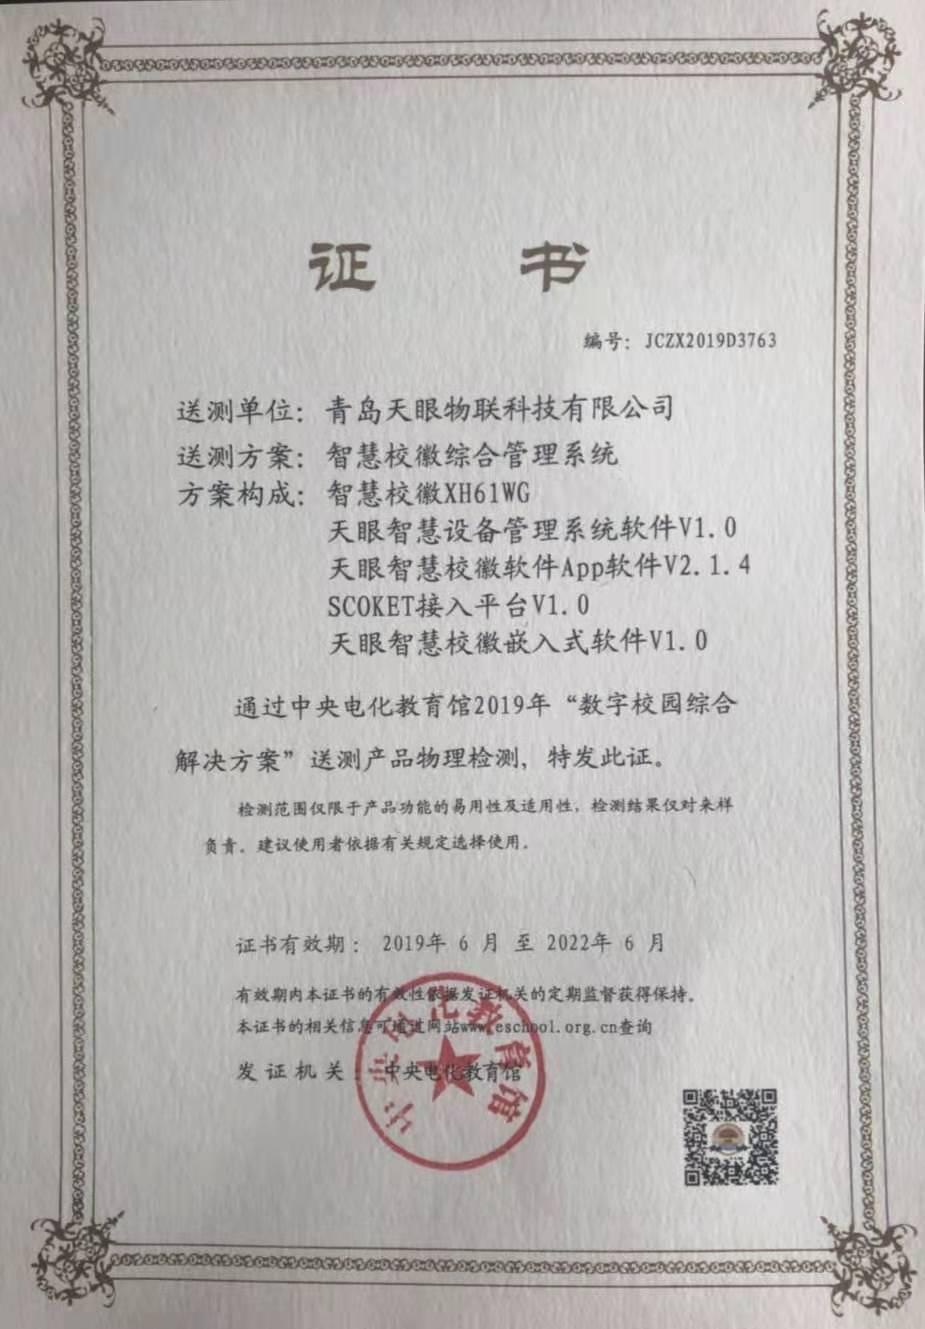 中央電化教育館認證證書